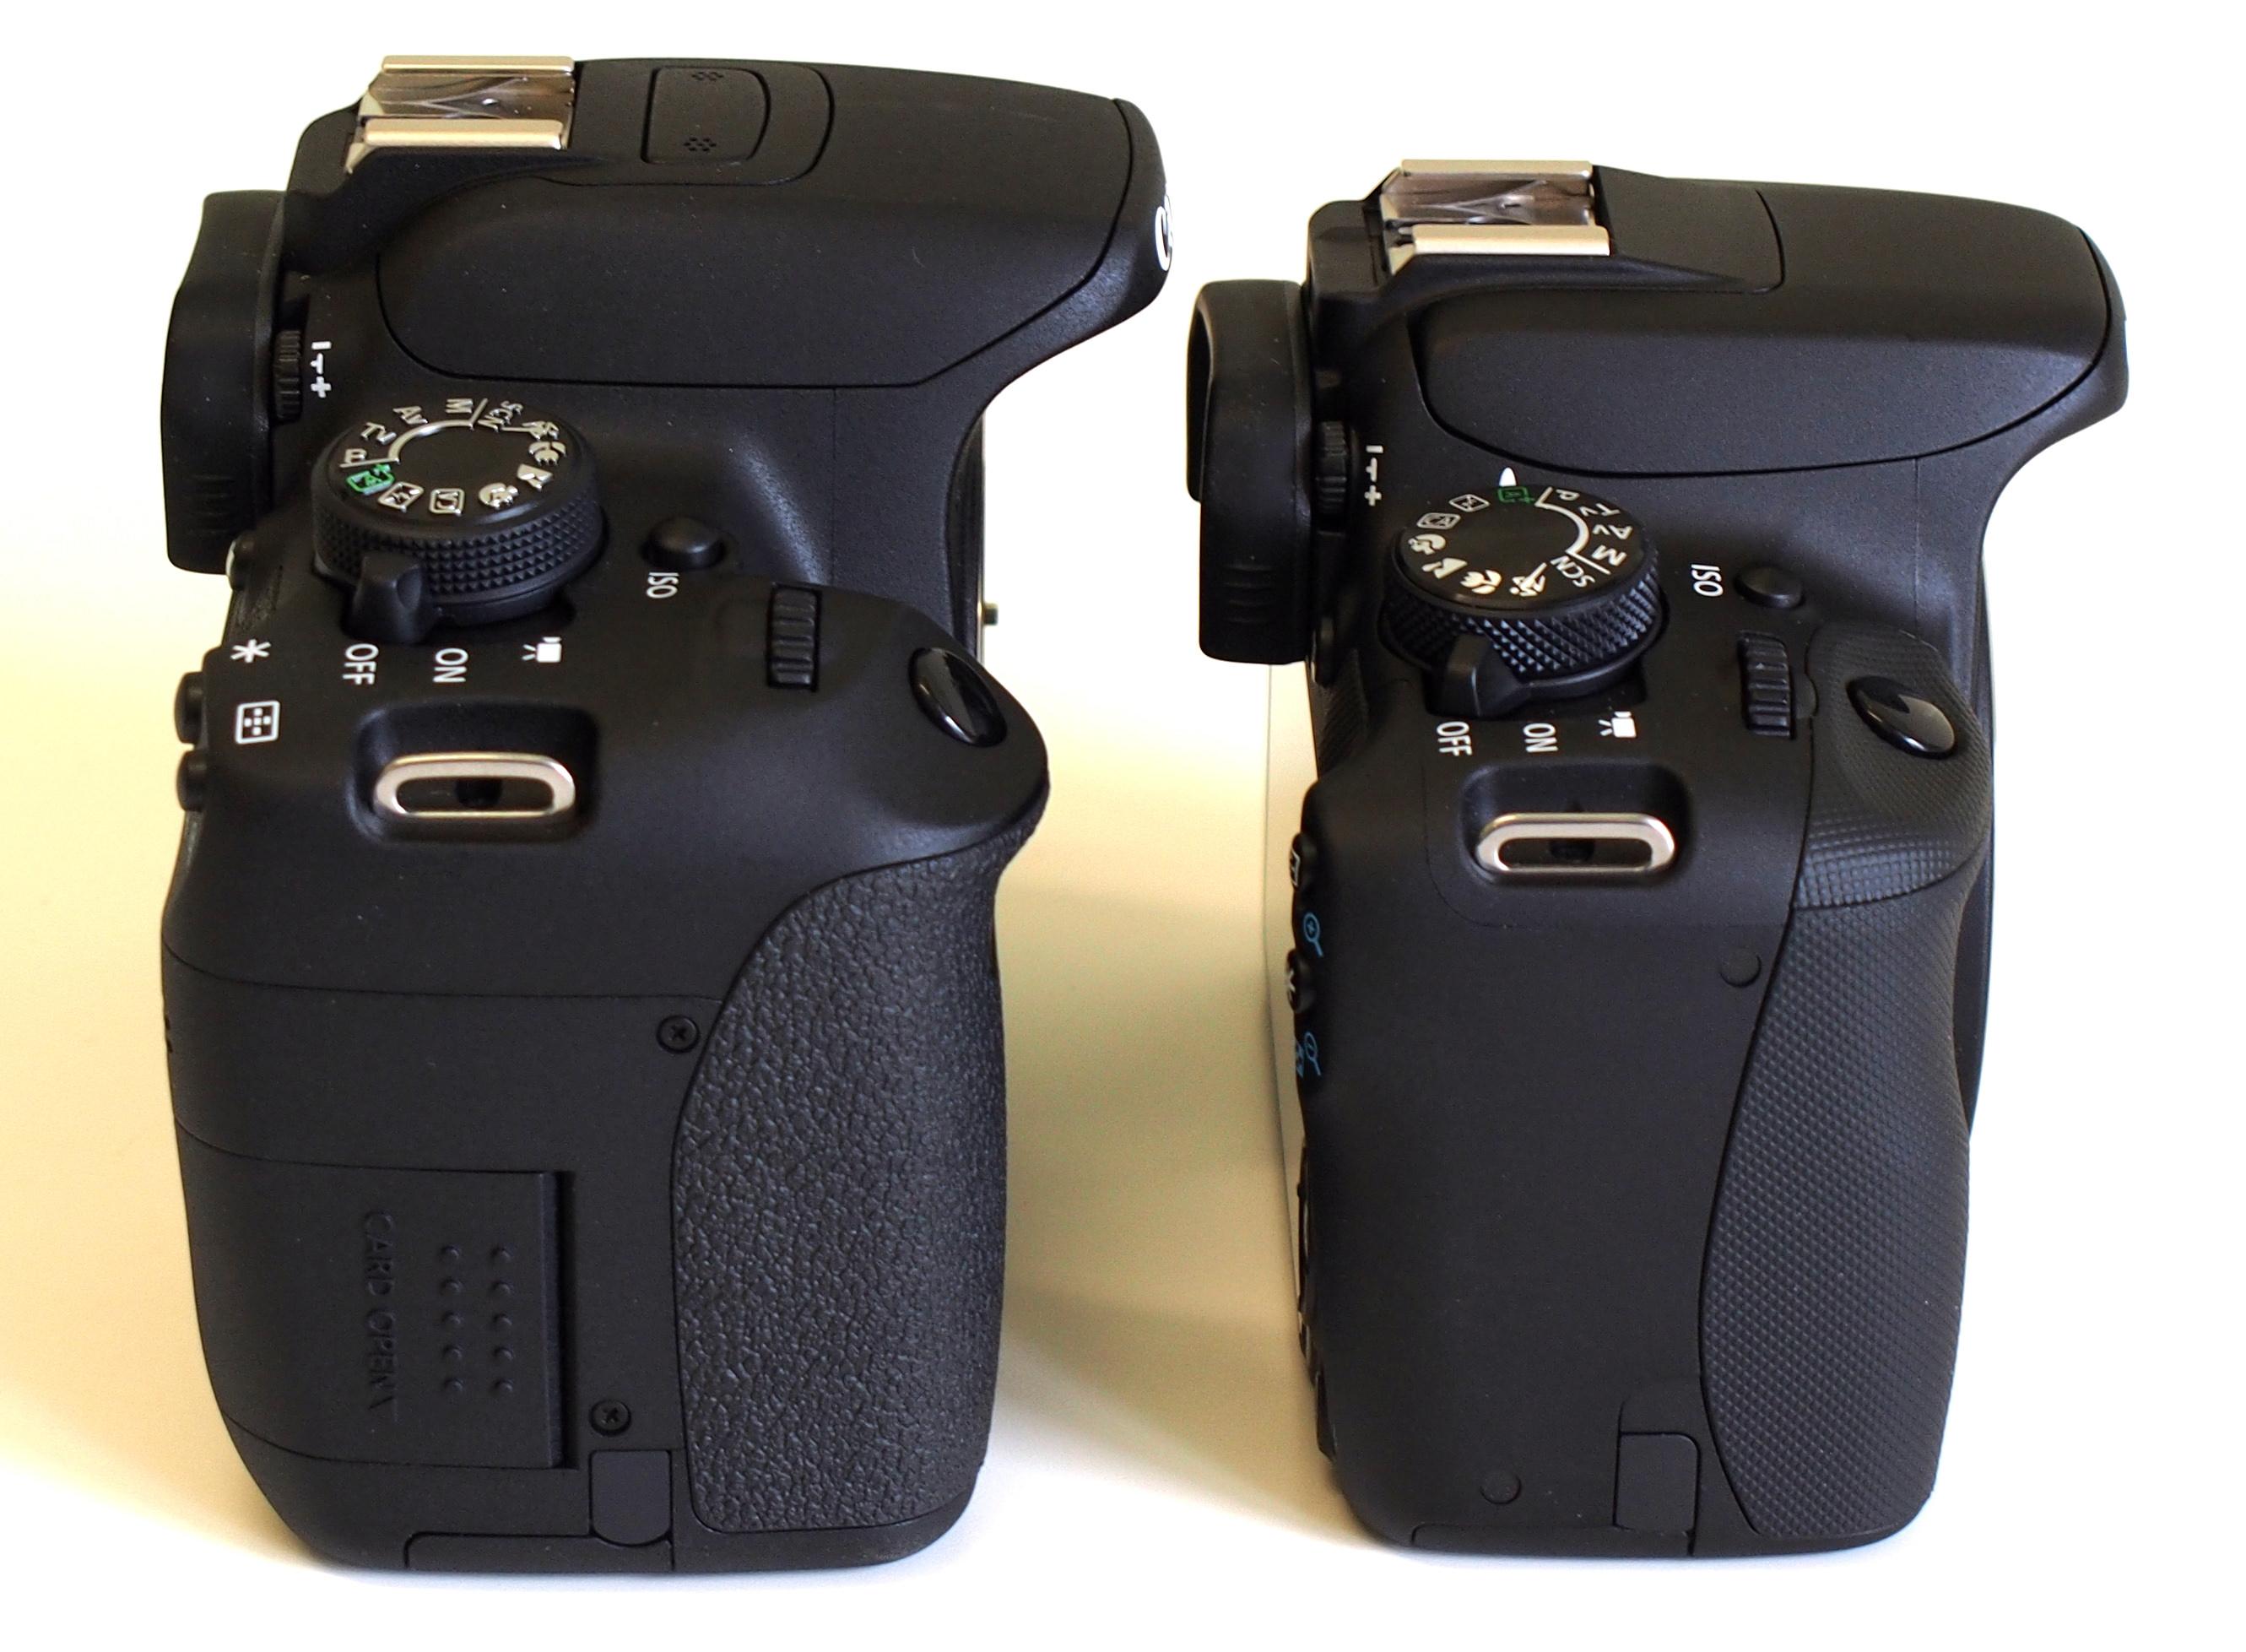 Canon EOS 100D Vs 700D DSLR Comparison | ePHOTOzine